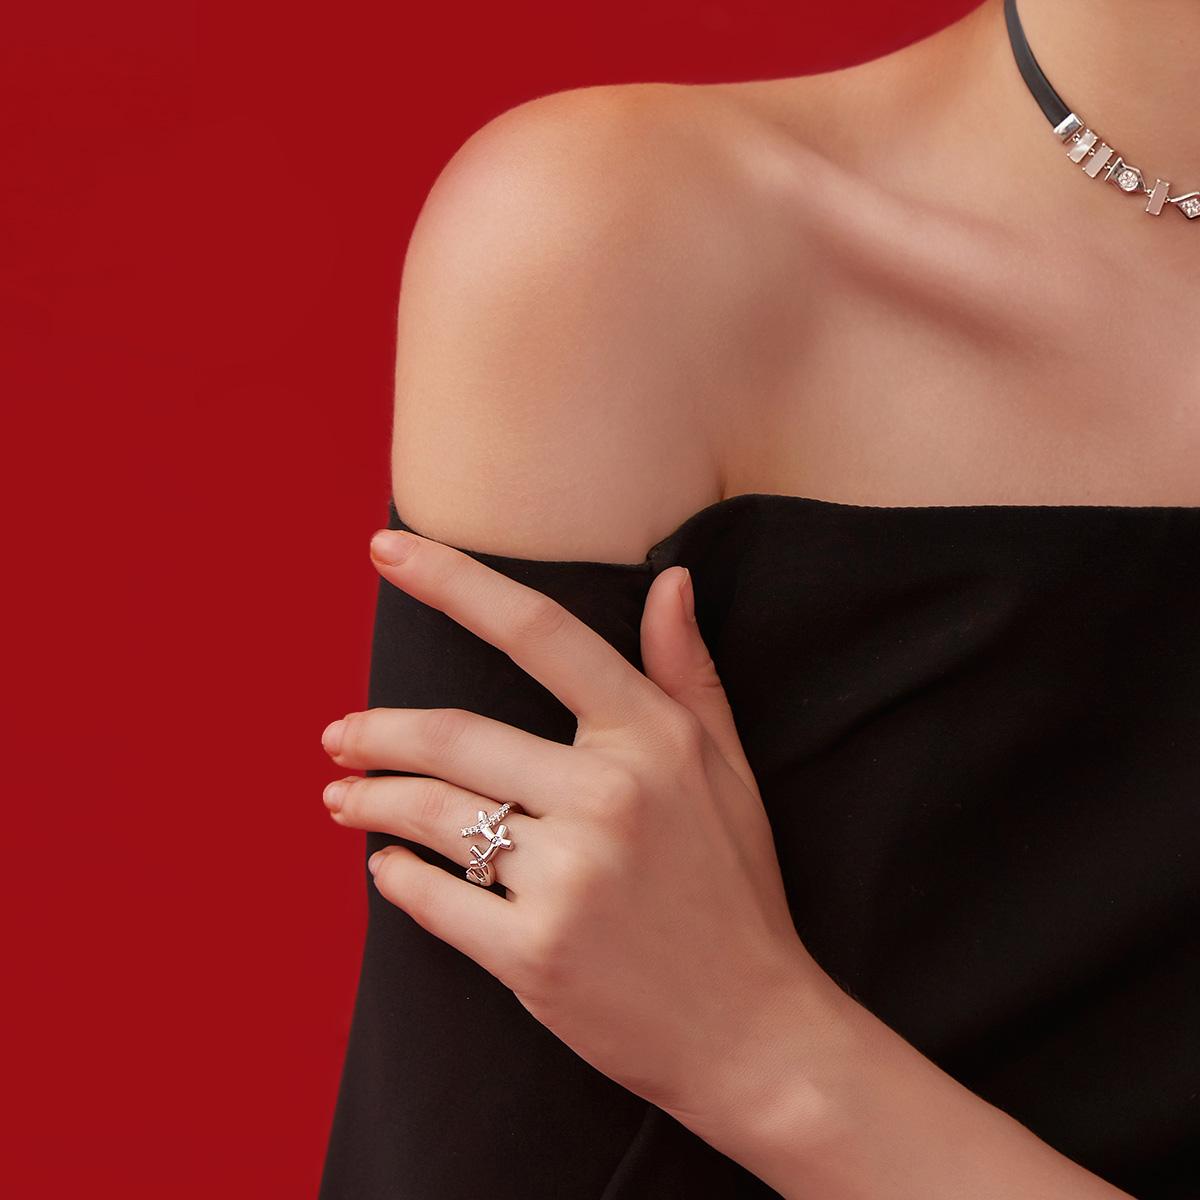 金关节食指原创指环 18K 华晨宇明星同款纯银戒指女简约镀 CIGALONG